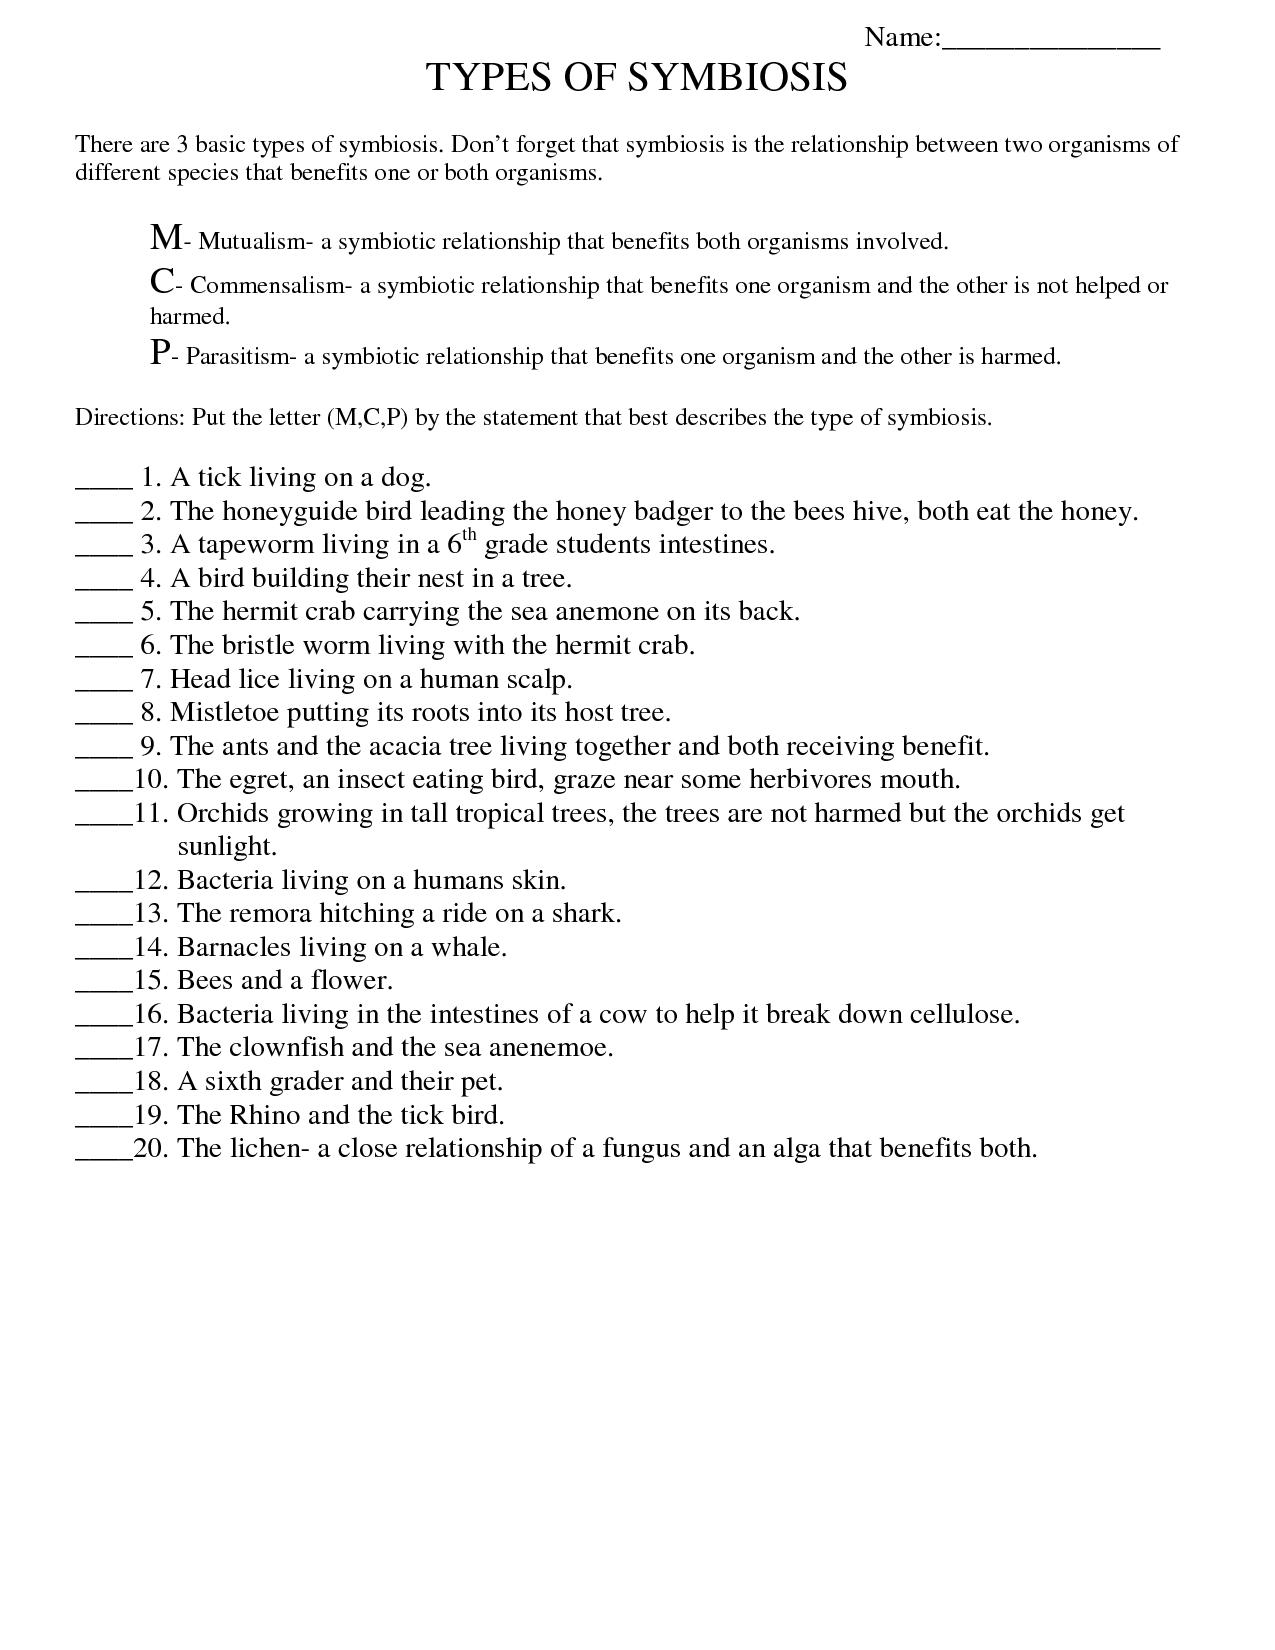 Symbiosis Worksheet: Free Printable Worksheets On High School Bio - Free Printable High School Worksheets